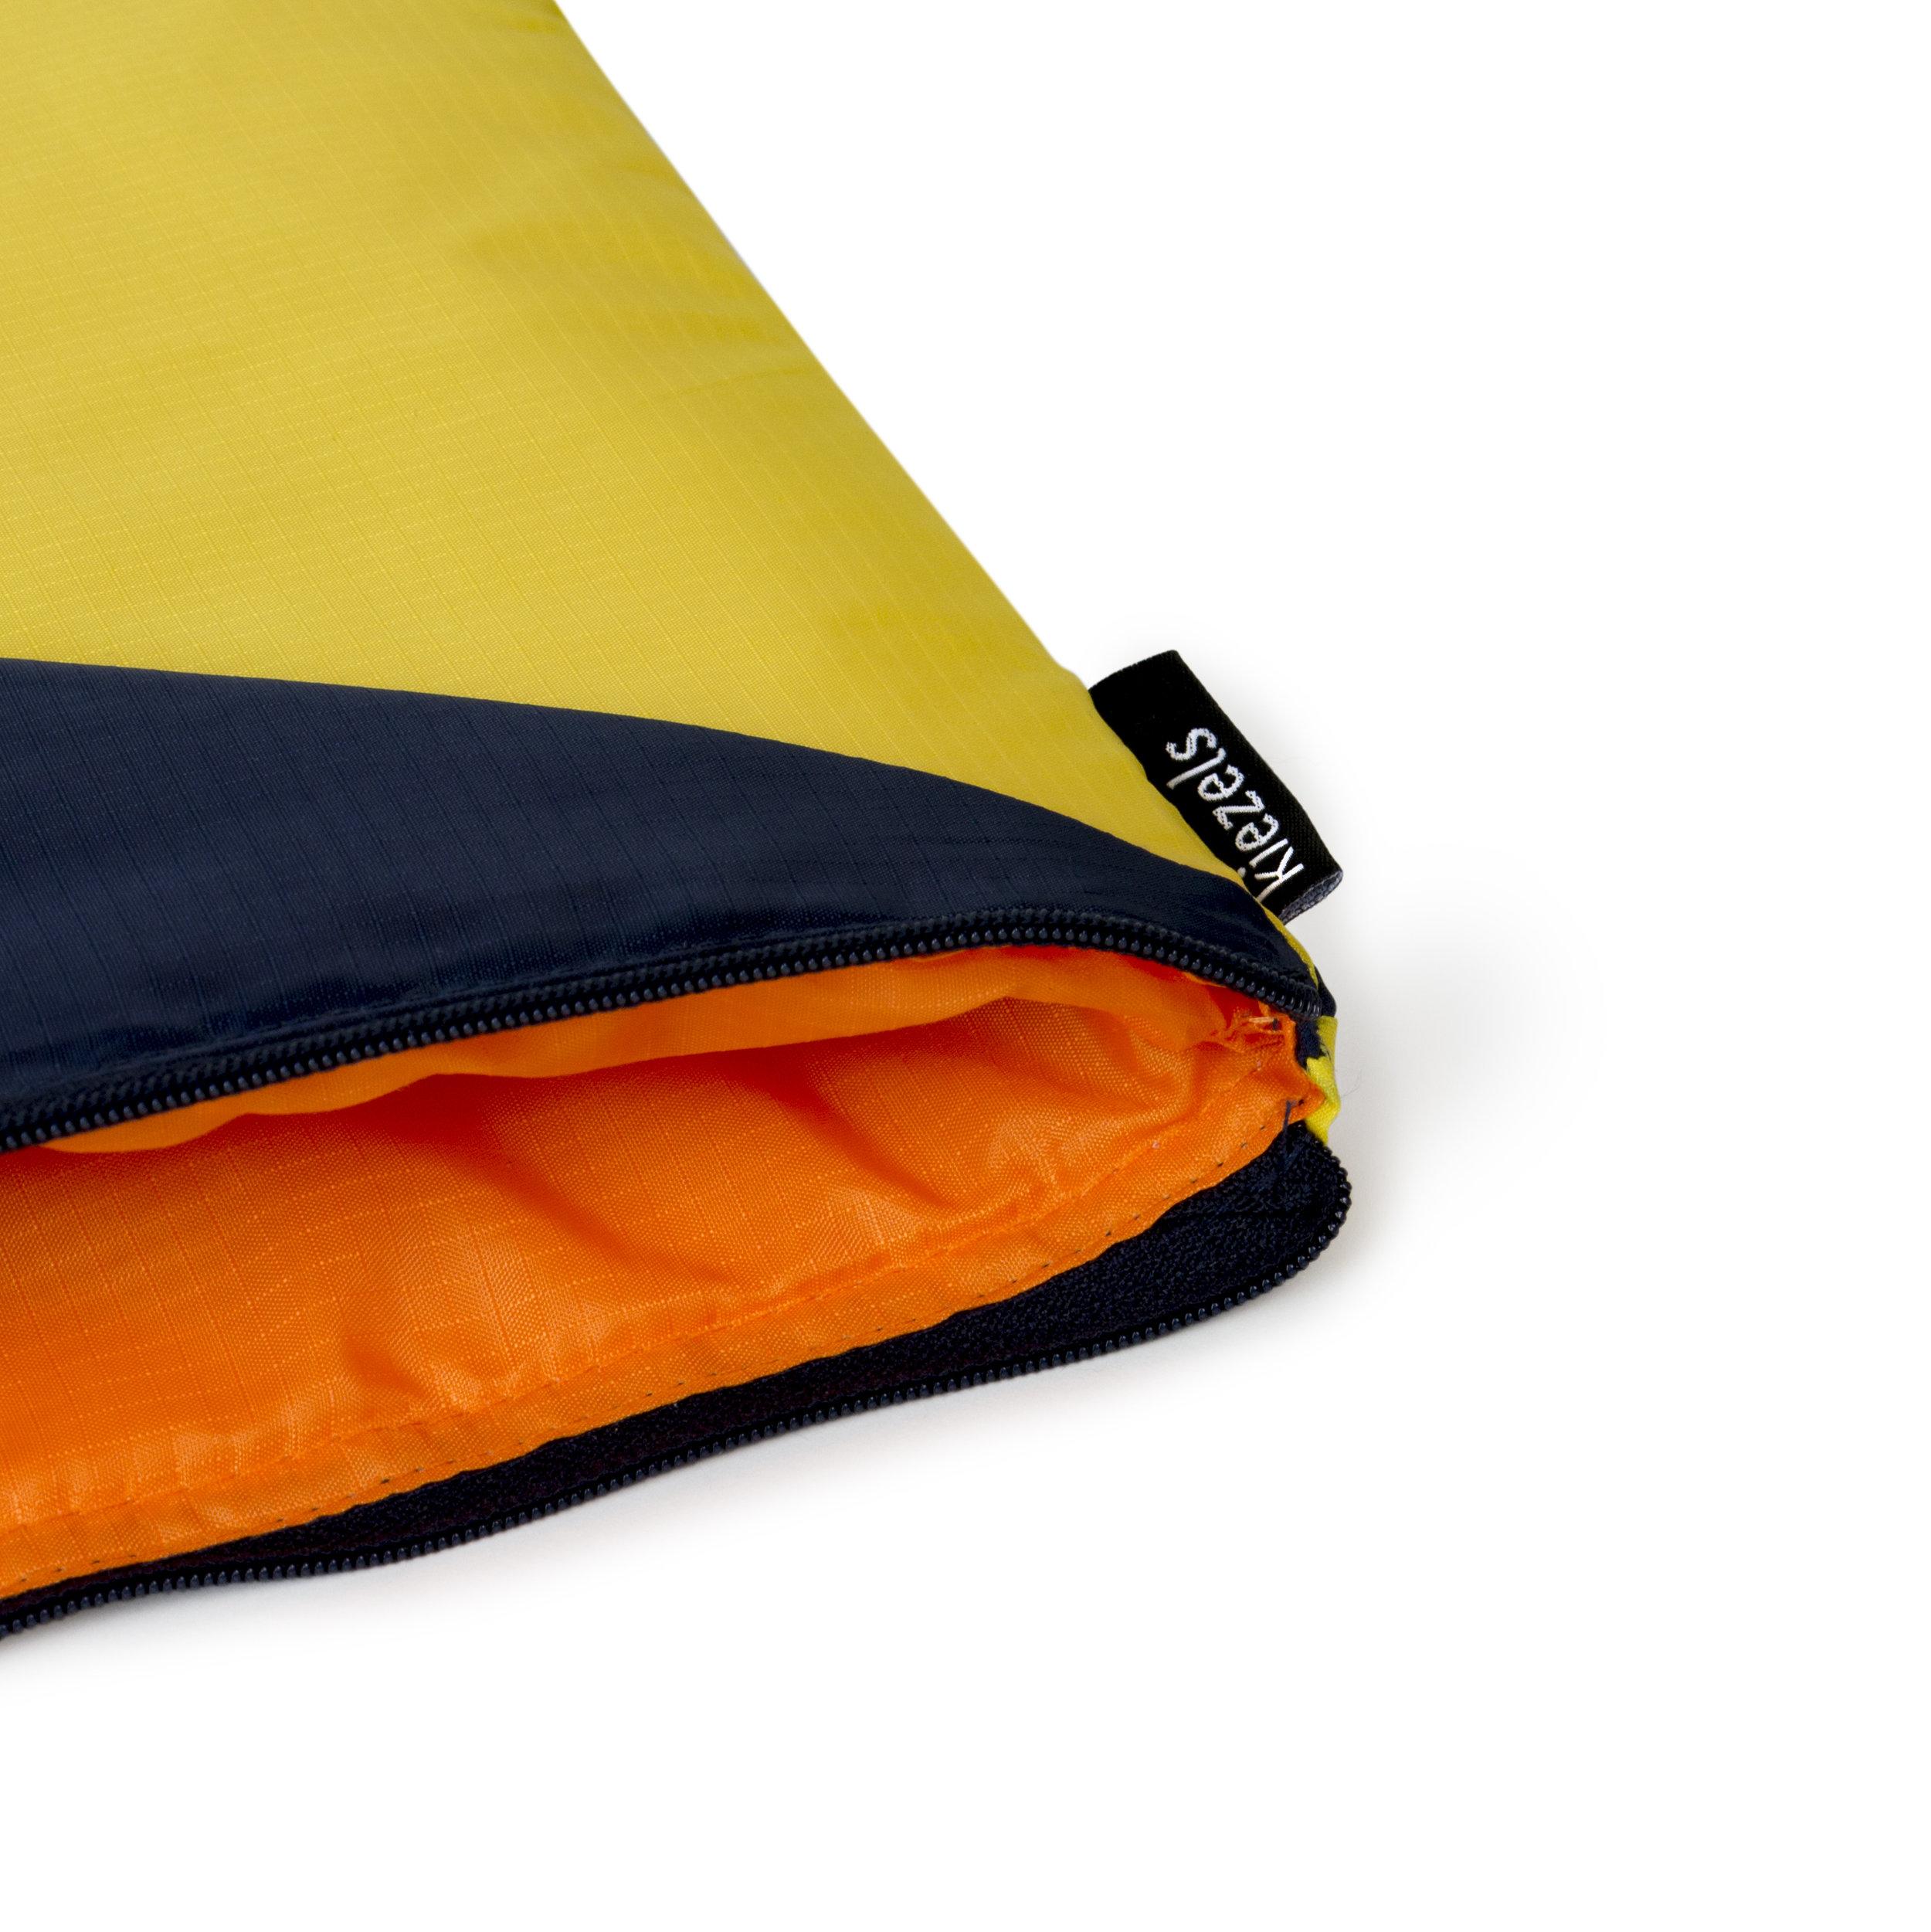 kiezels_laptopsleeve_blue yellow_350_3.jpg